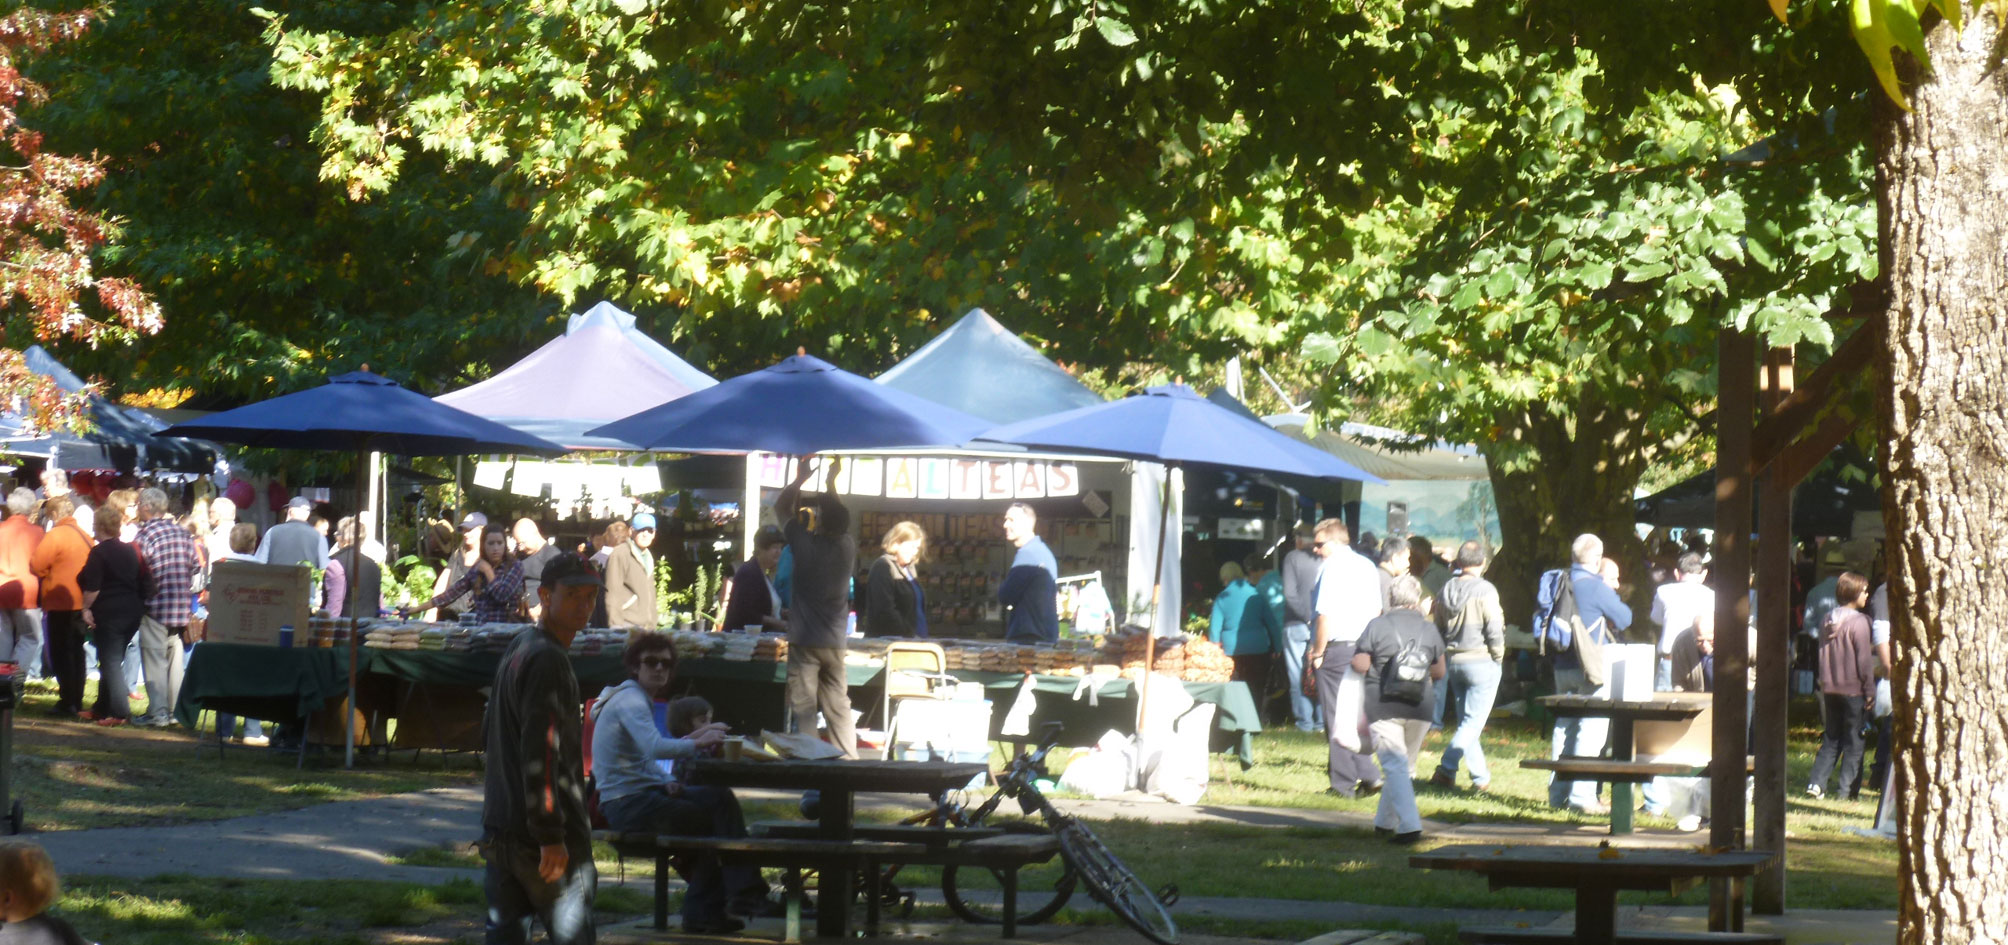 Farmers Market, Bright Victoria